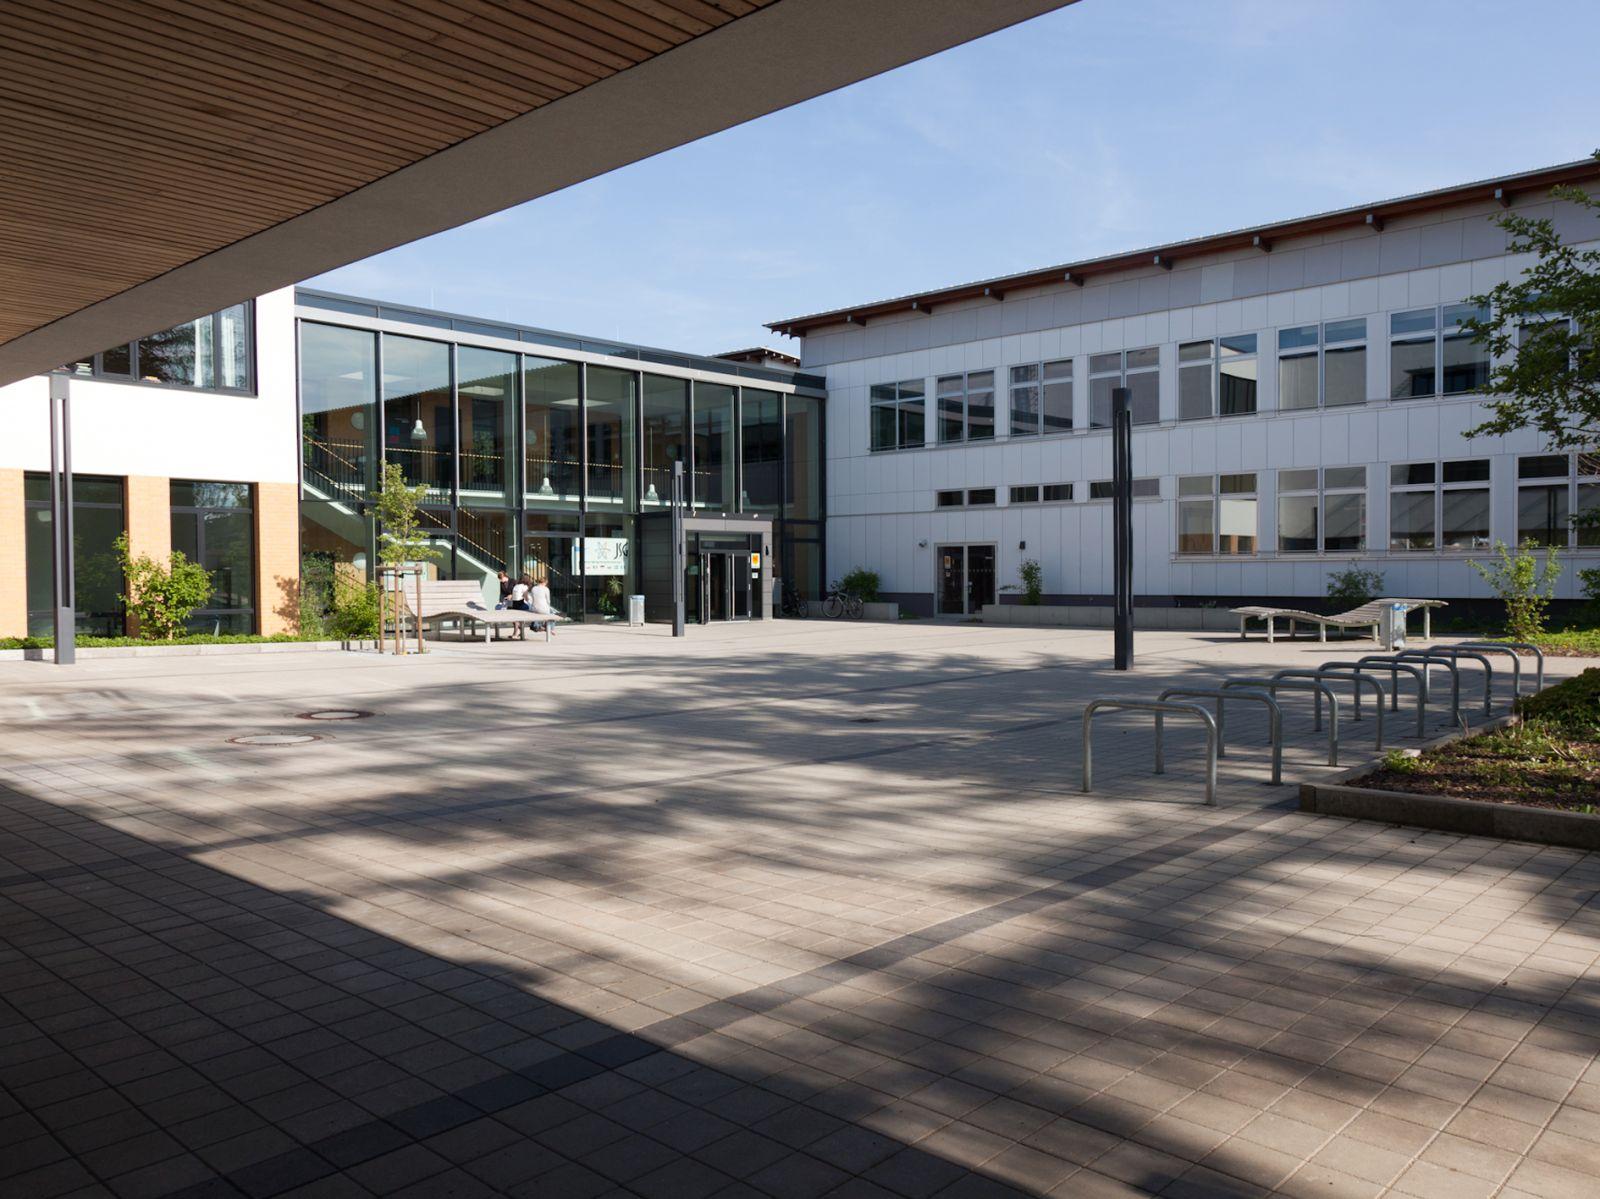 0601_Gymnasium_Vechelde_2.jpg